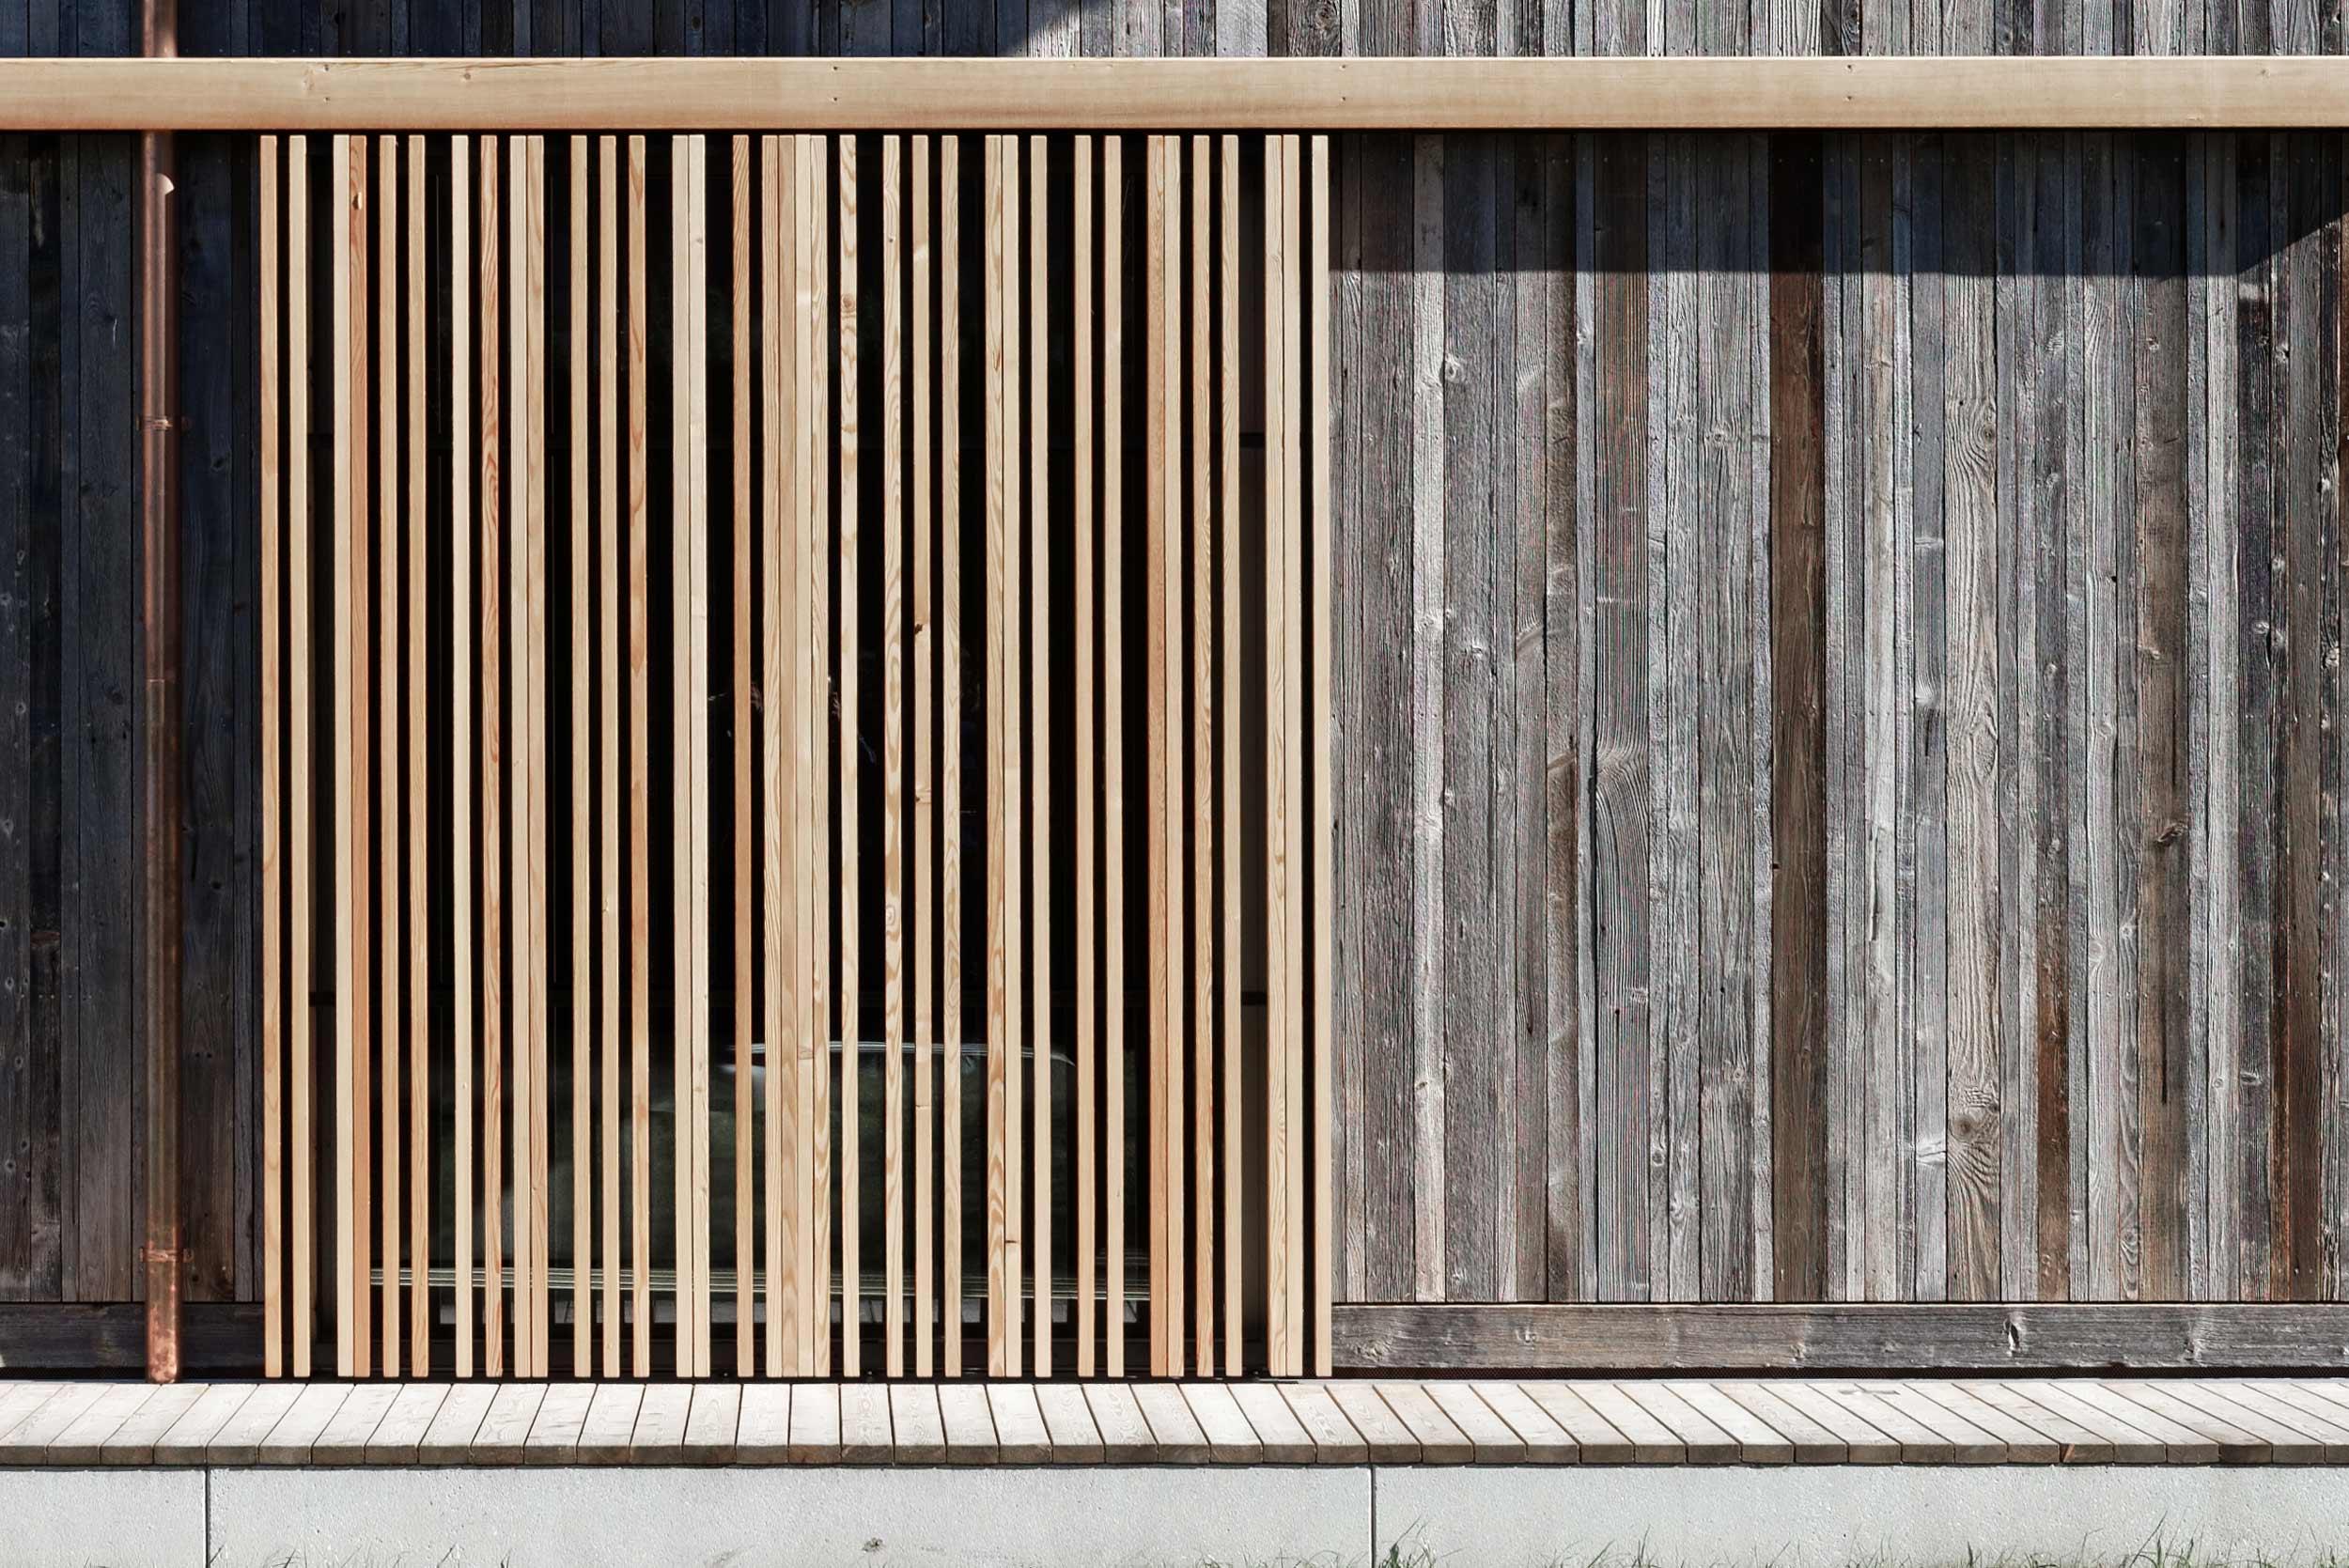 zimmerei-stoib-holzbau-holzhaus-holzarchitektur-tegernsee-modern-altholz-terrasse-schiebeläden-11.jpg